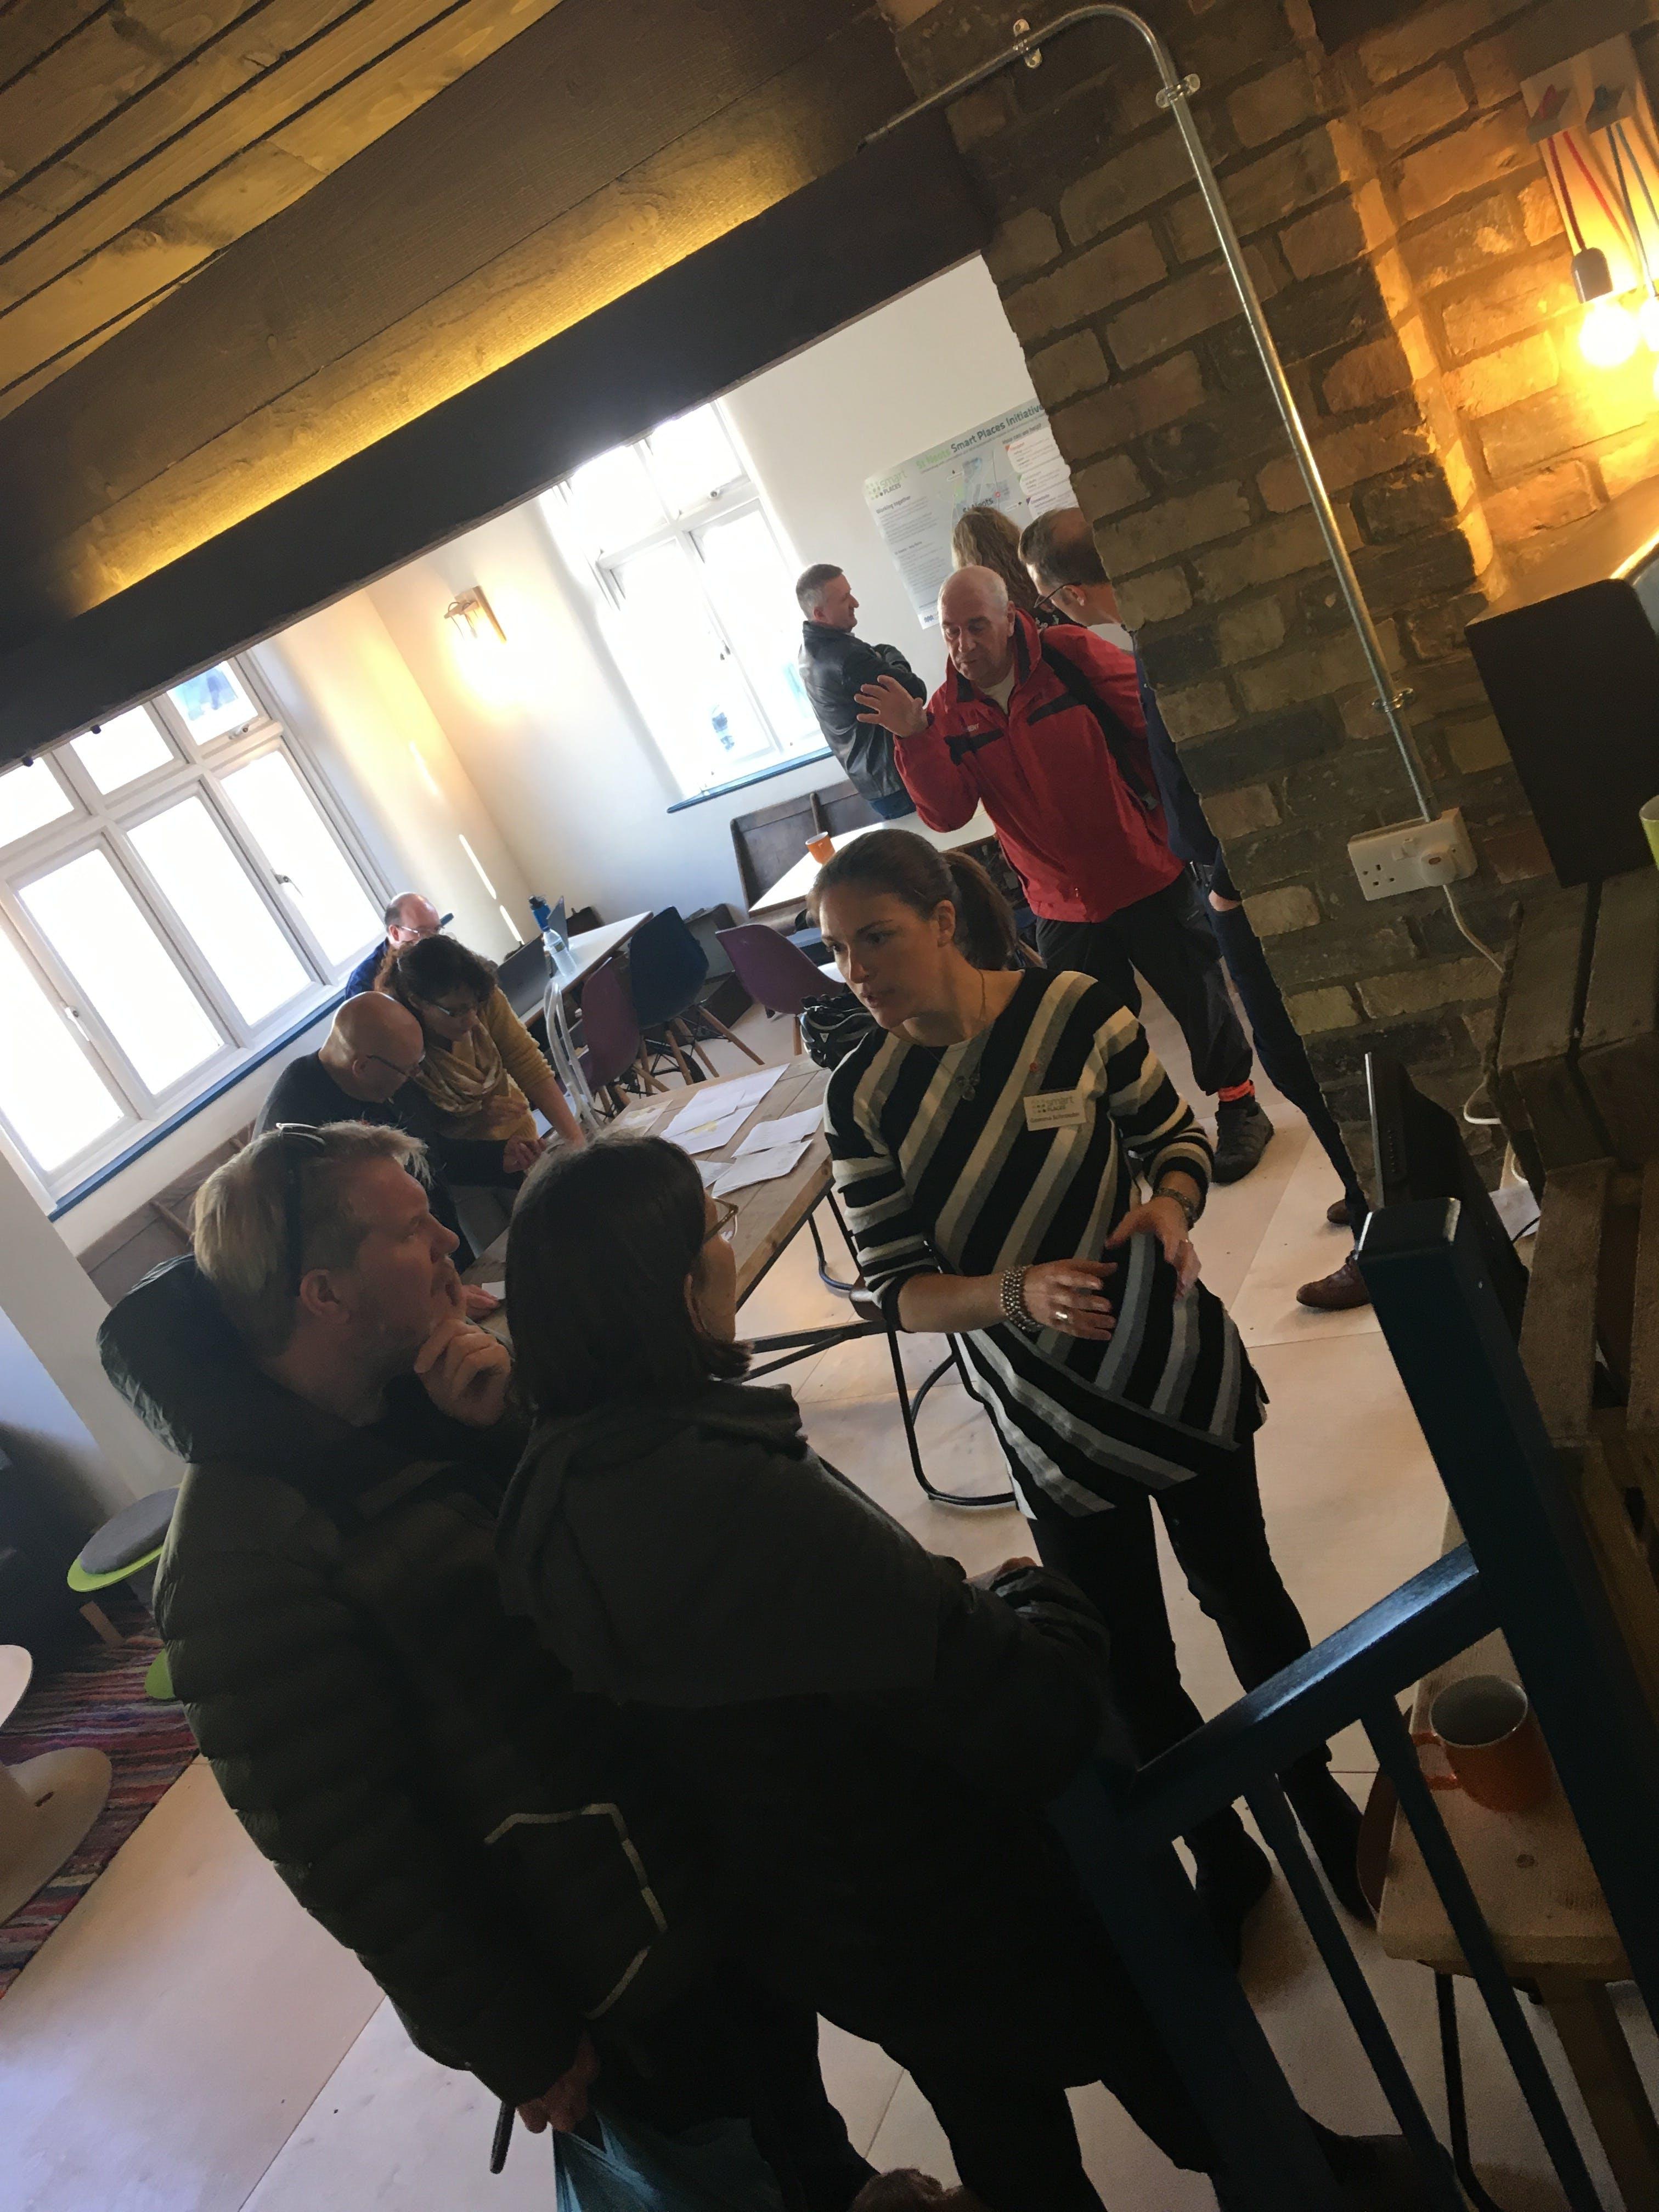 People In Room2 Nov 18